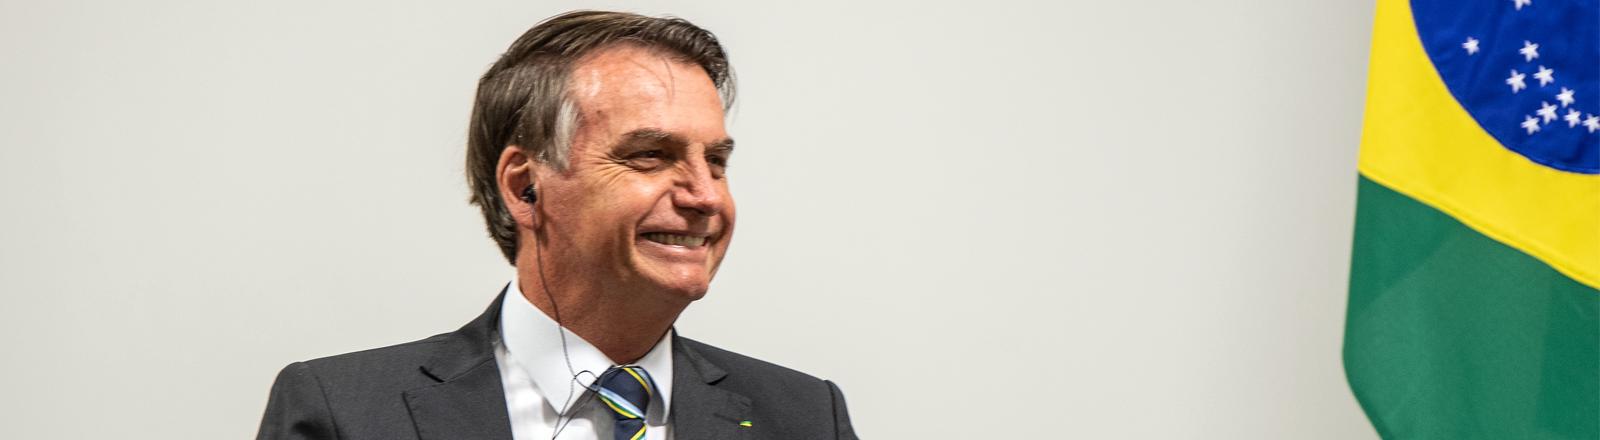 Brasiliens Präsident Jair Bolsonaro sitzt neben der brasilianischen Flagge und grinst.